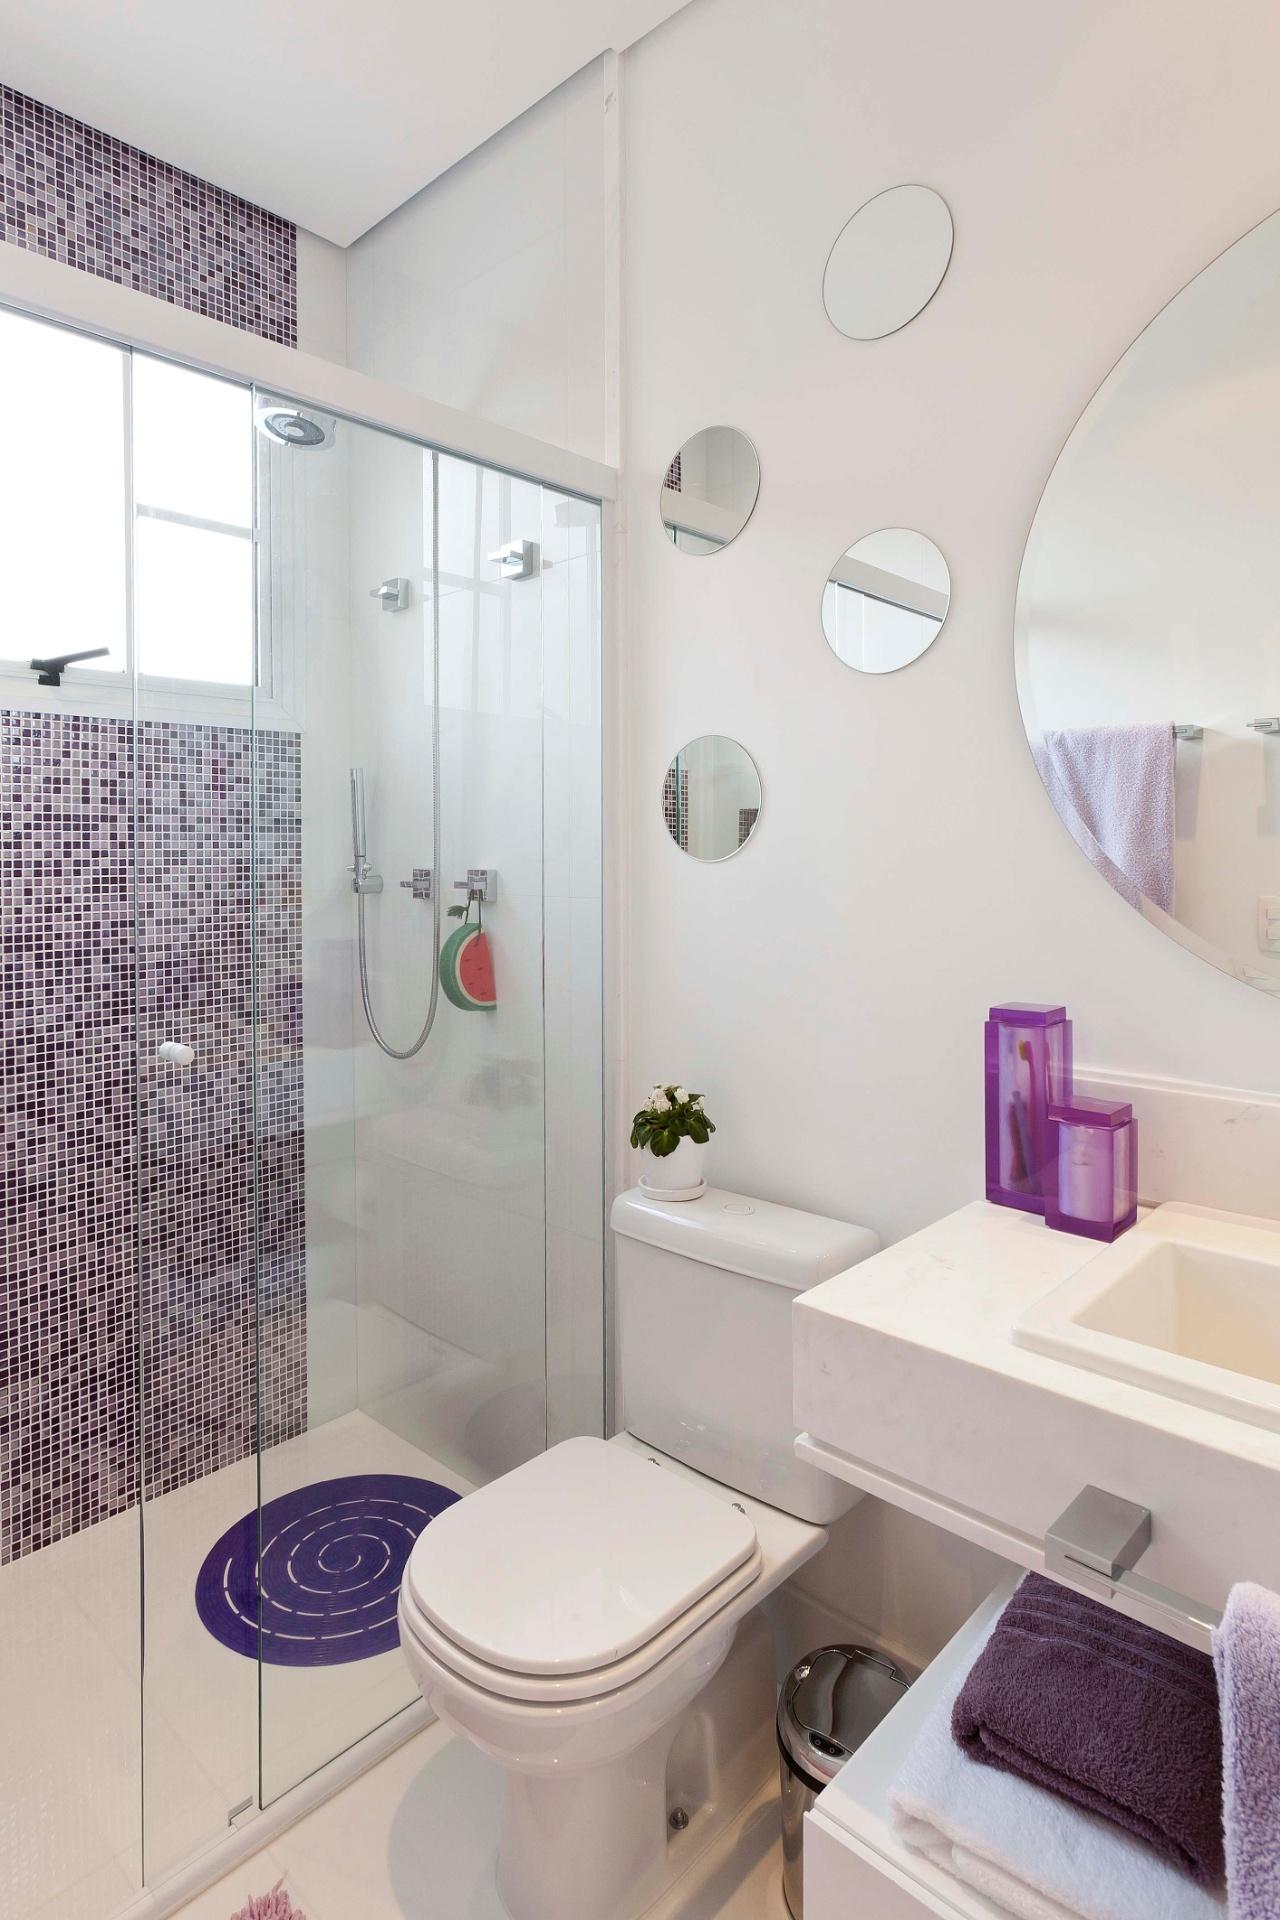 Banheiros pequenos dicas de decoração para quem tem pouco espaço  BOL Fotos -> Fotos De Decoracao De Banheiro Pequeno Com Pastilhas